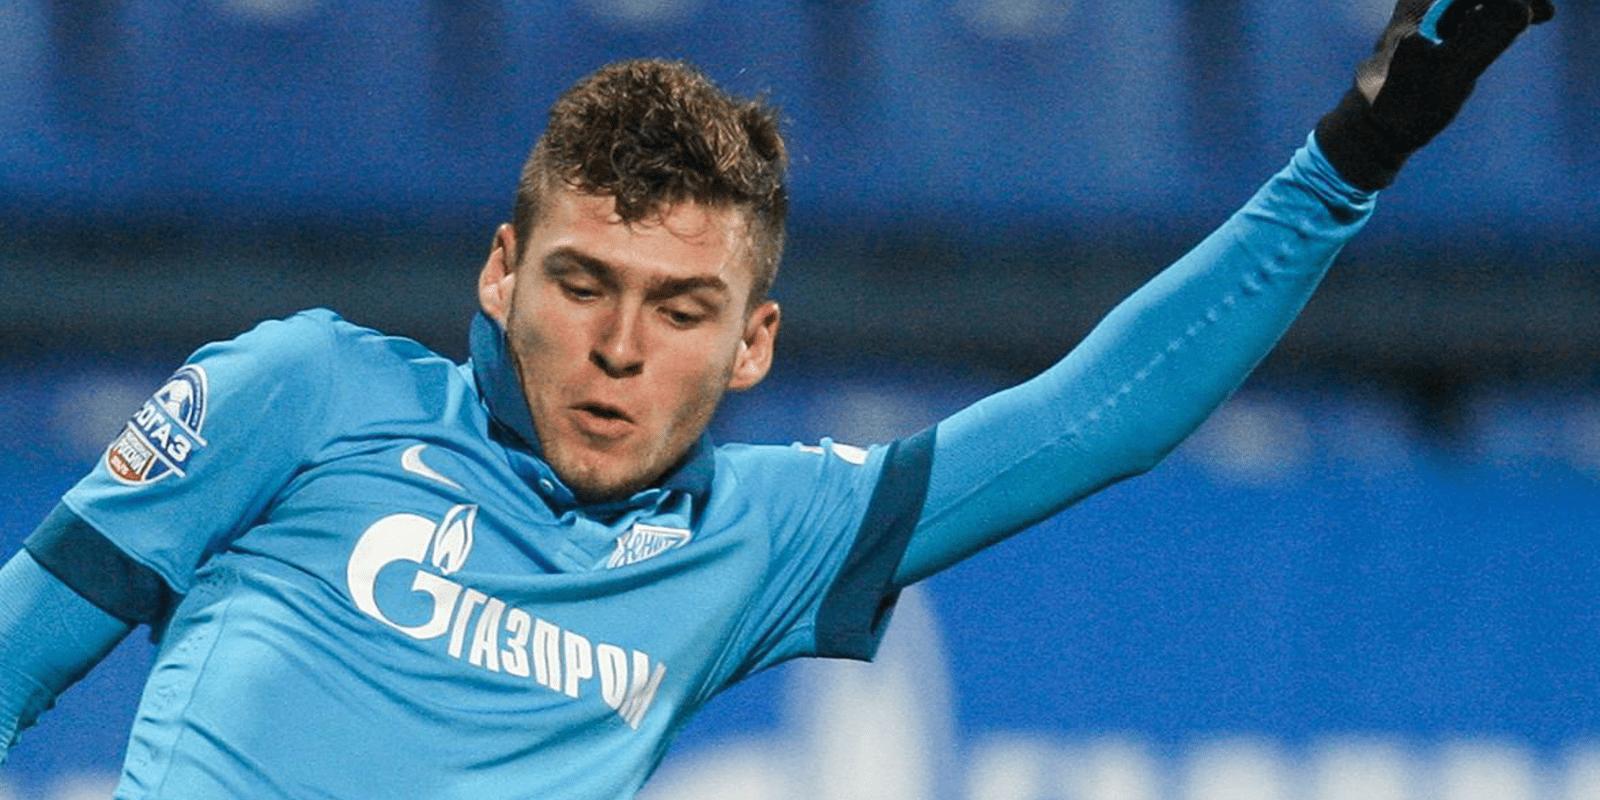 Rangnick bestätigt Verpflichtung von Dmitrii Skopintcev